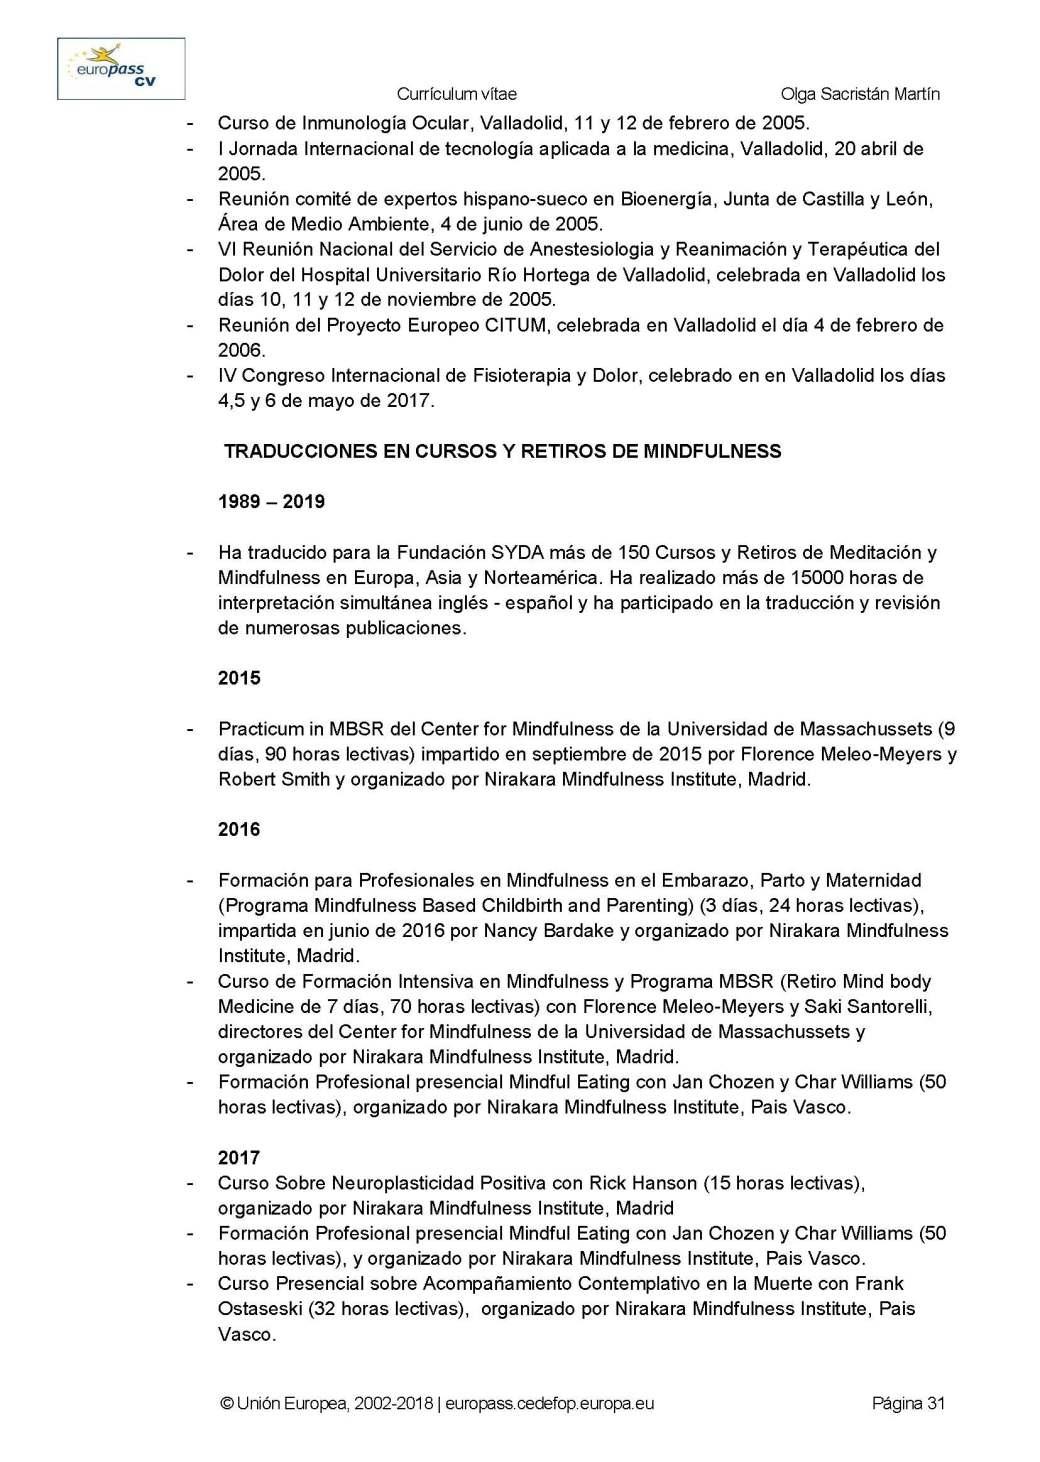 CURRICULUM EUROPASS DRA. OLGA SACRISTAN 2019_Página_31